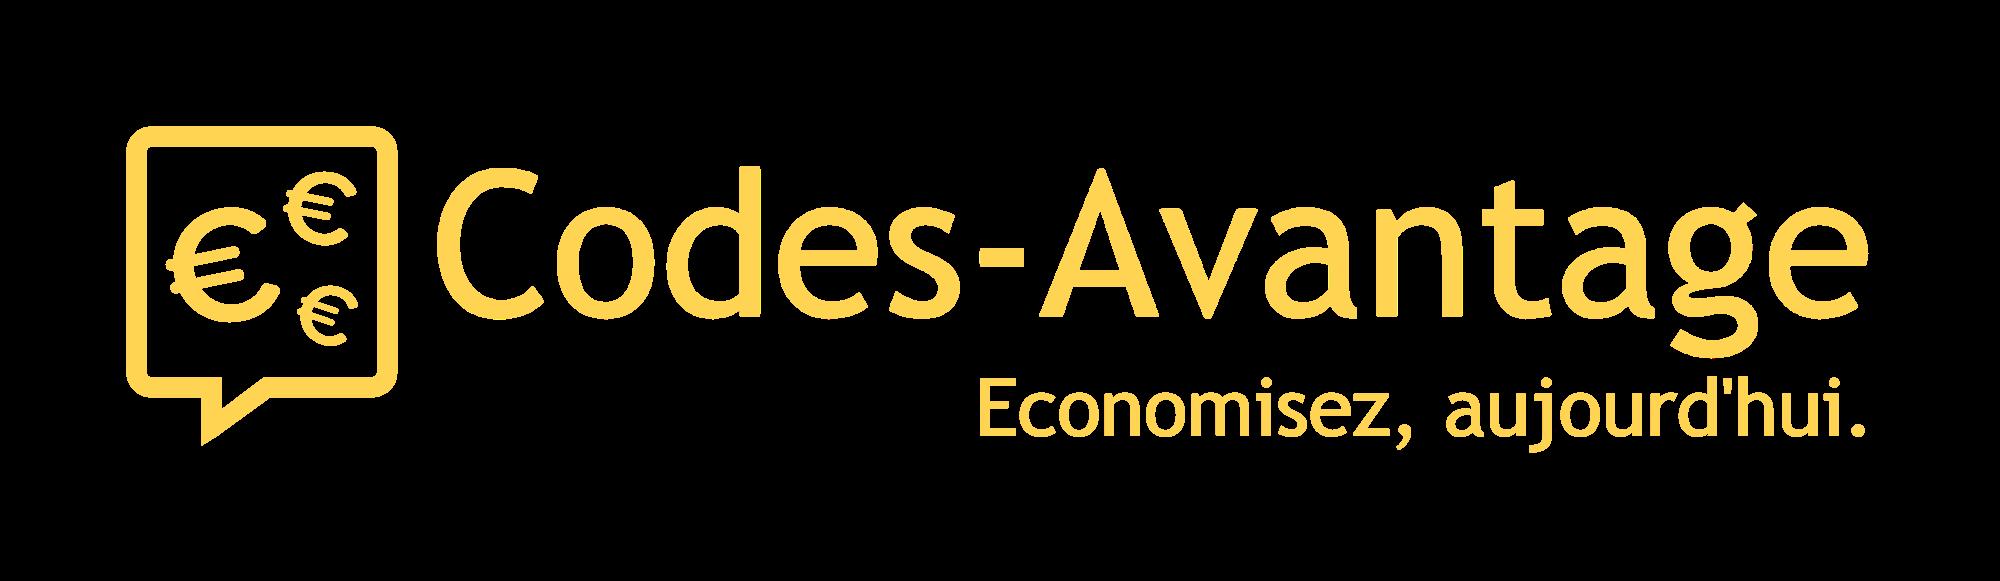 codes-avantage